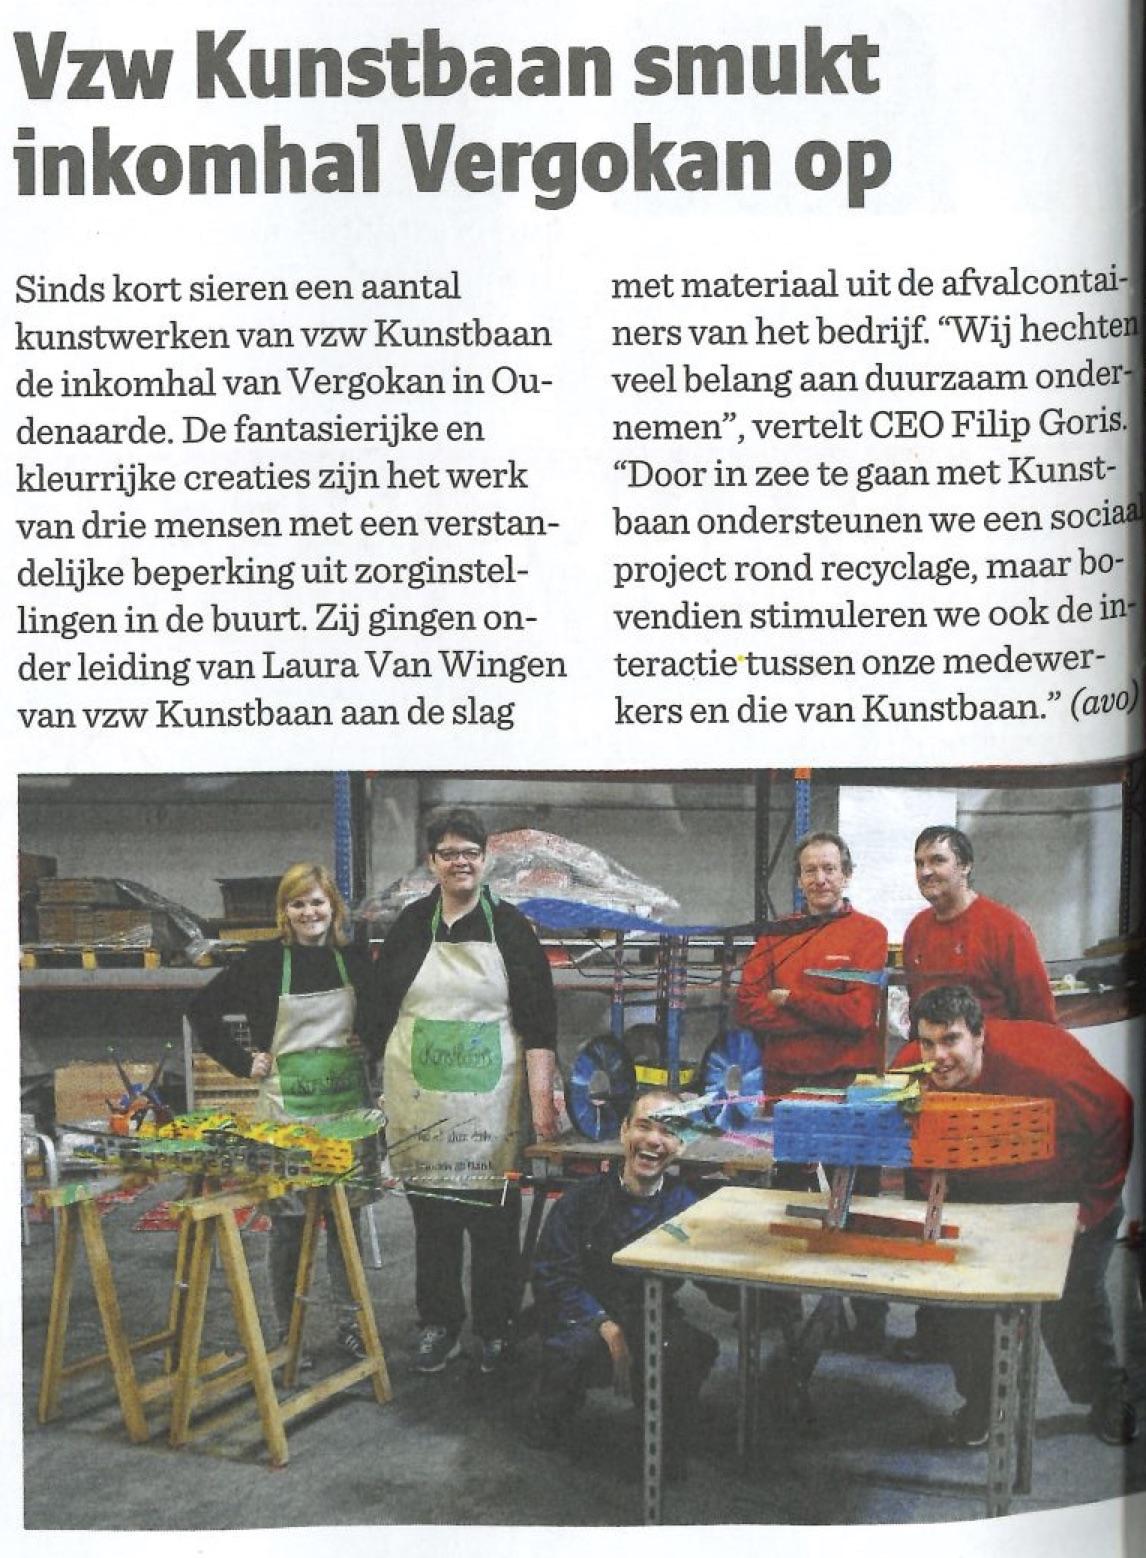 RONDOM_VlaamseArdennen_12april2017 kopie.jpg